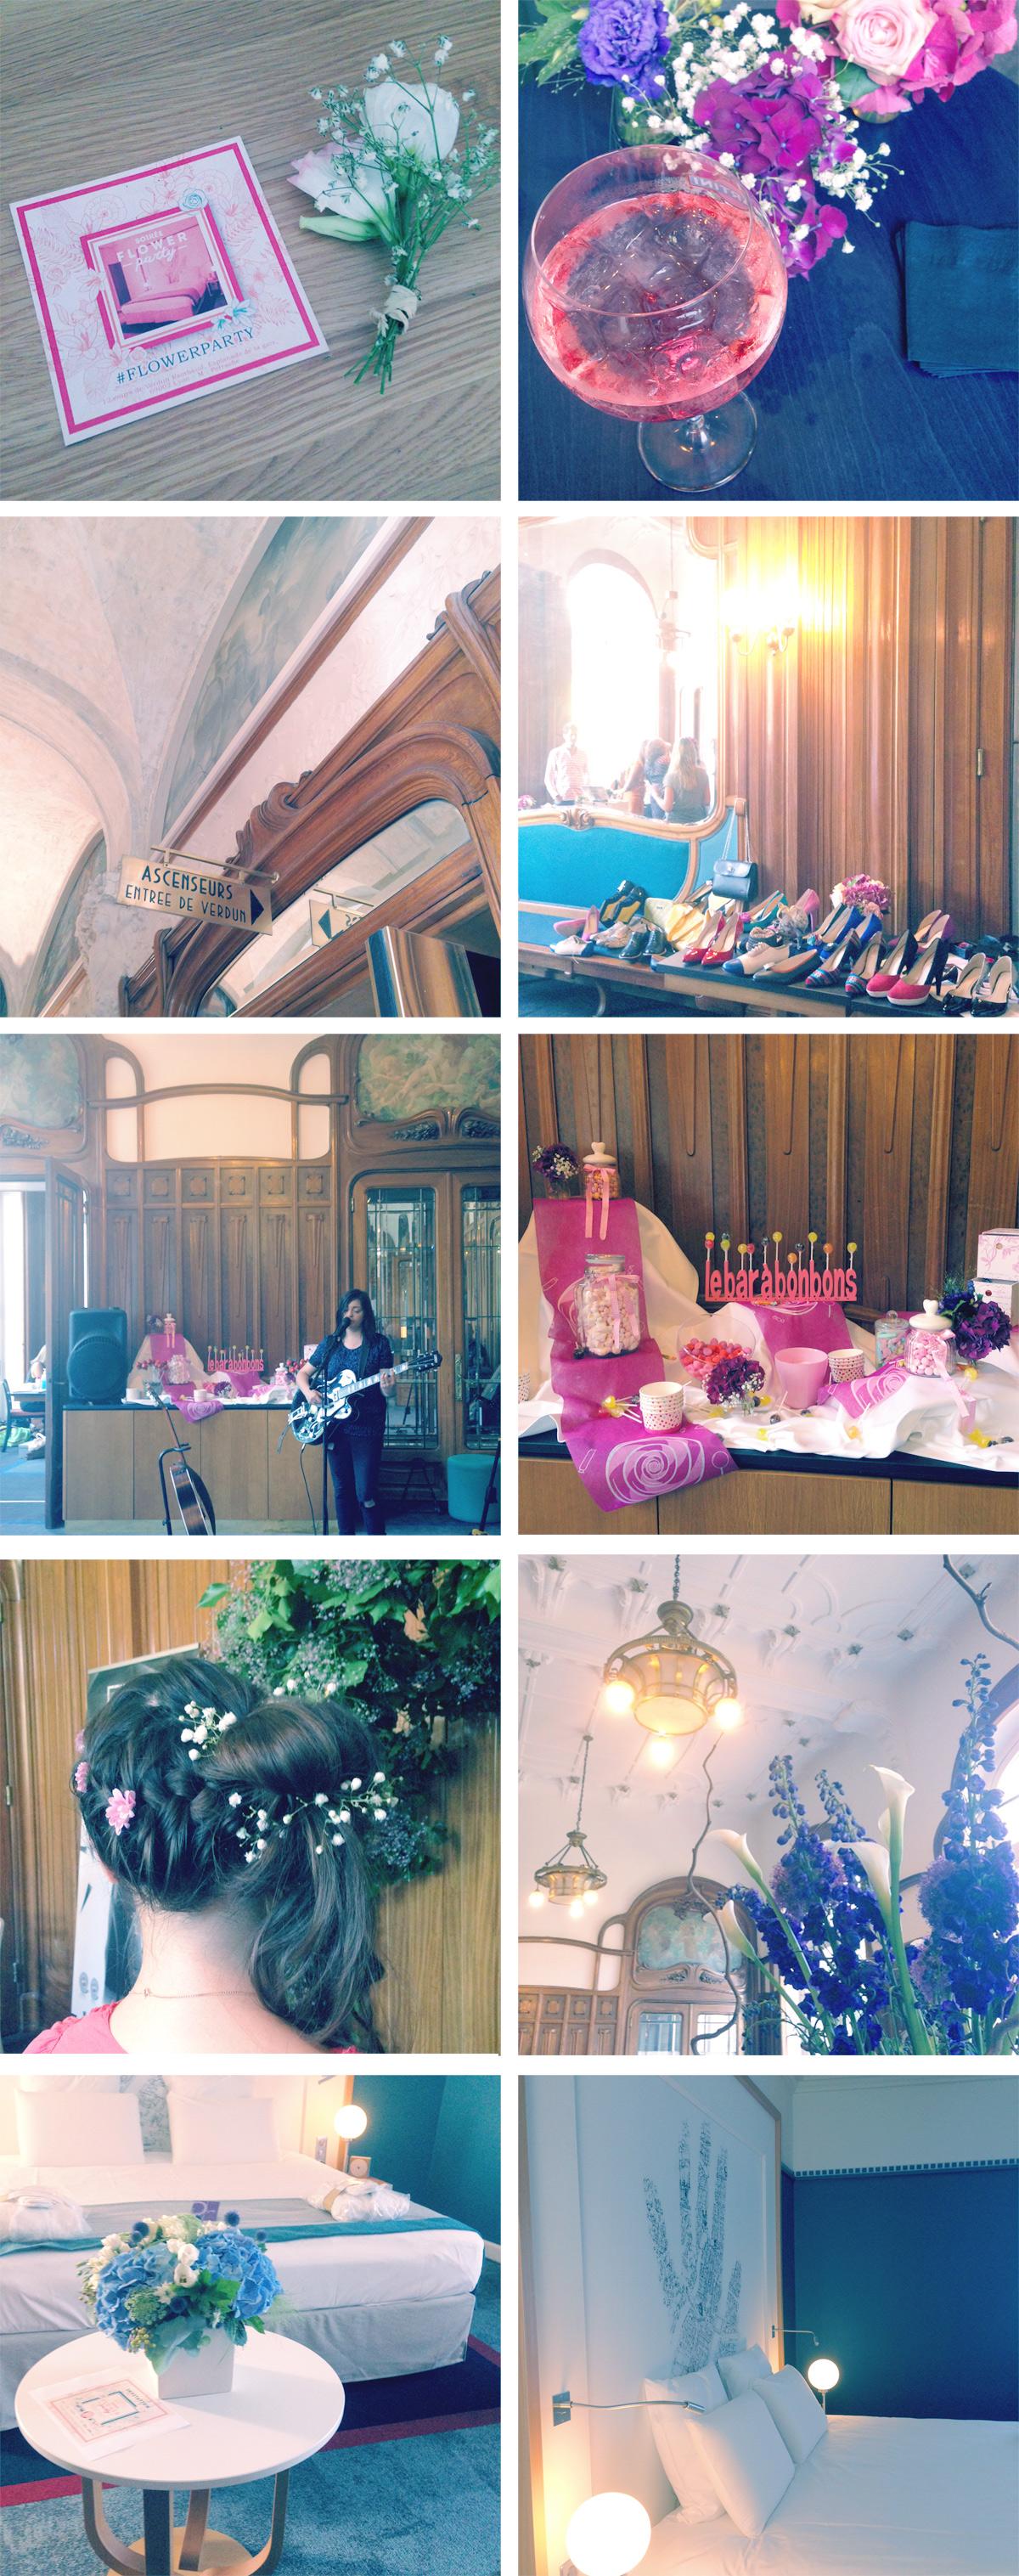 Flower Party à l'hôtel Château Perrache